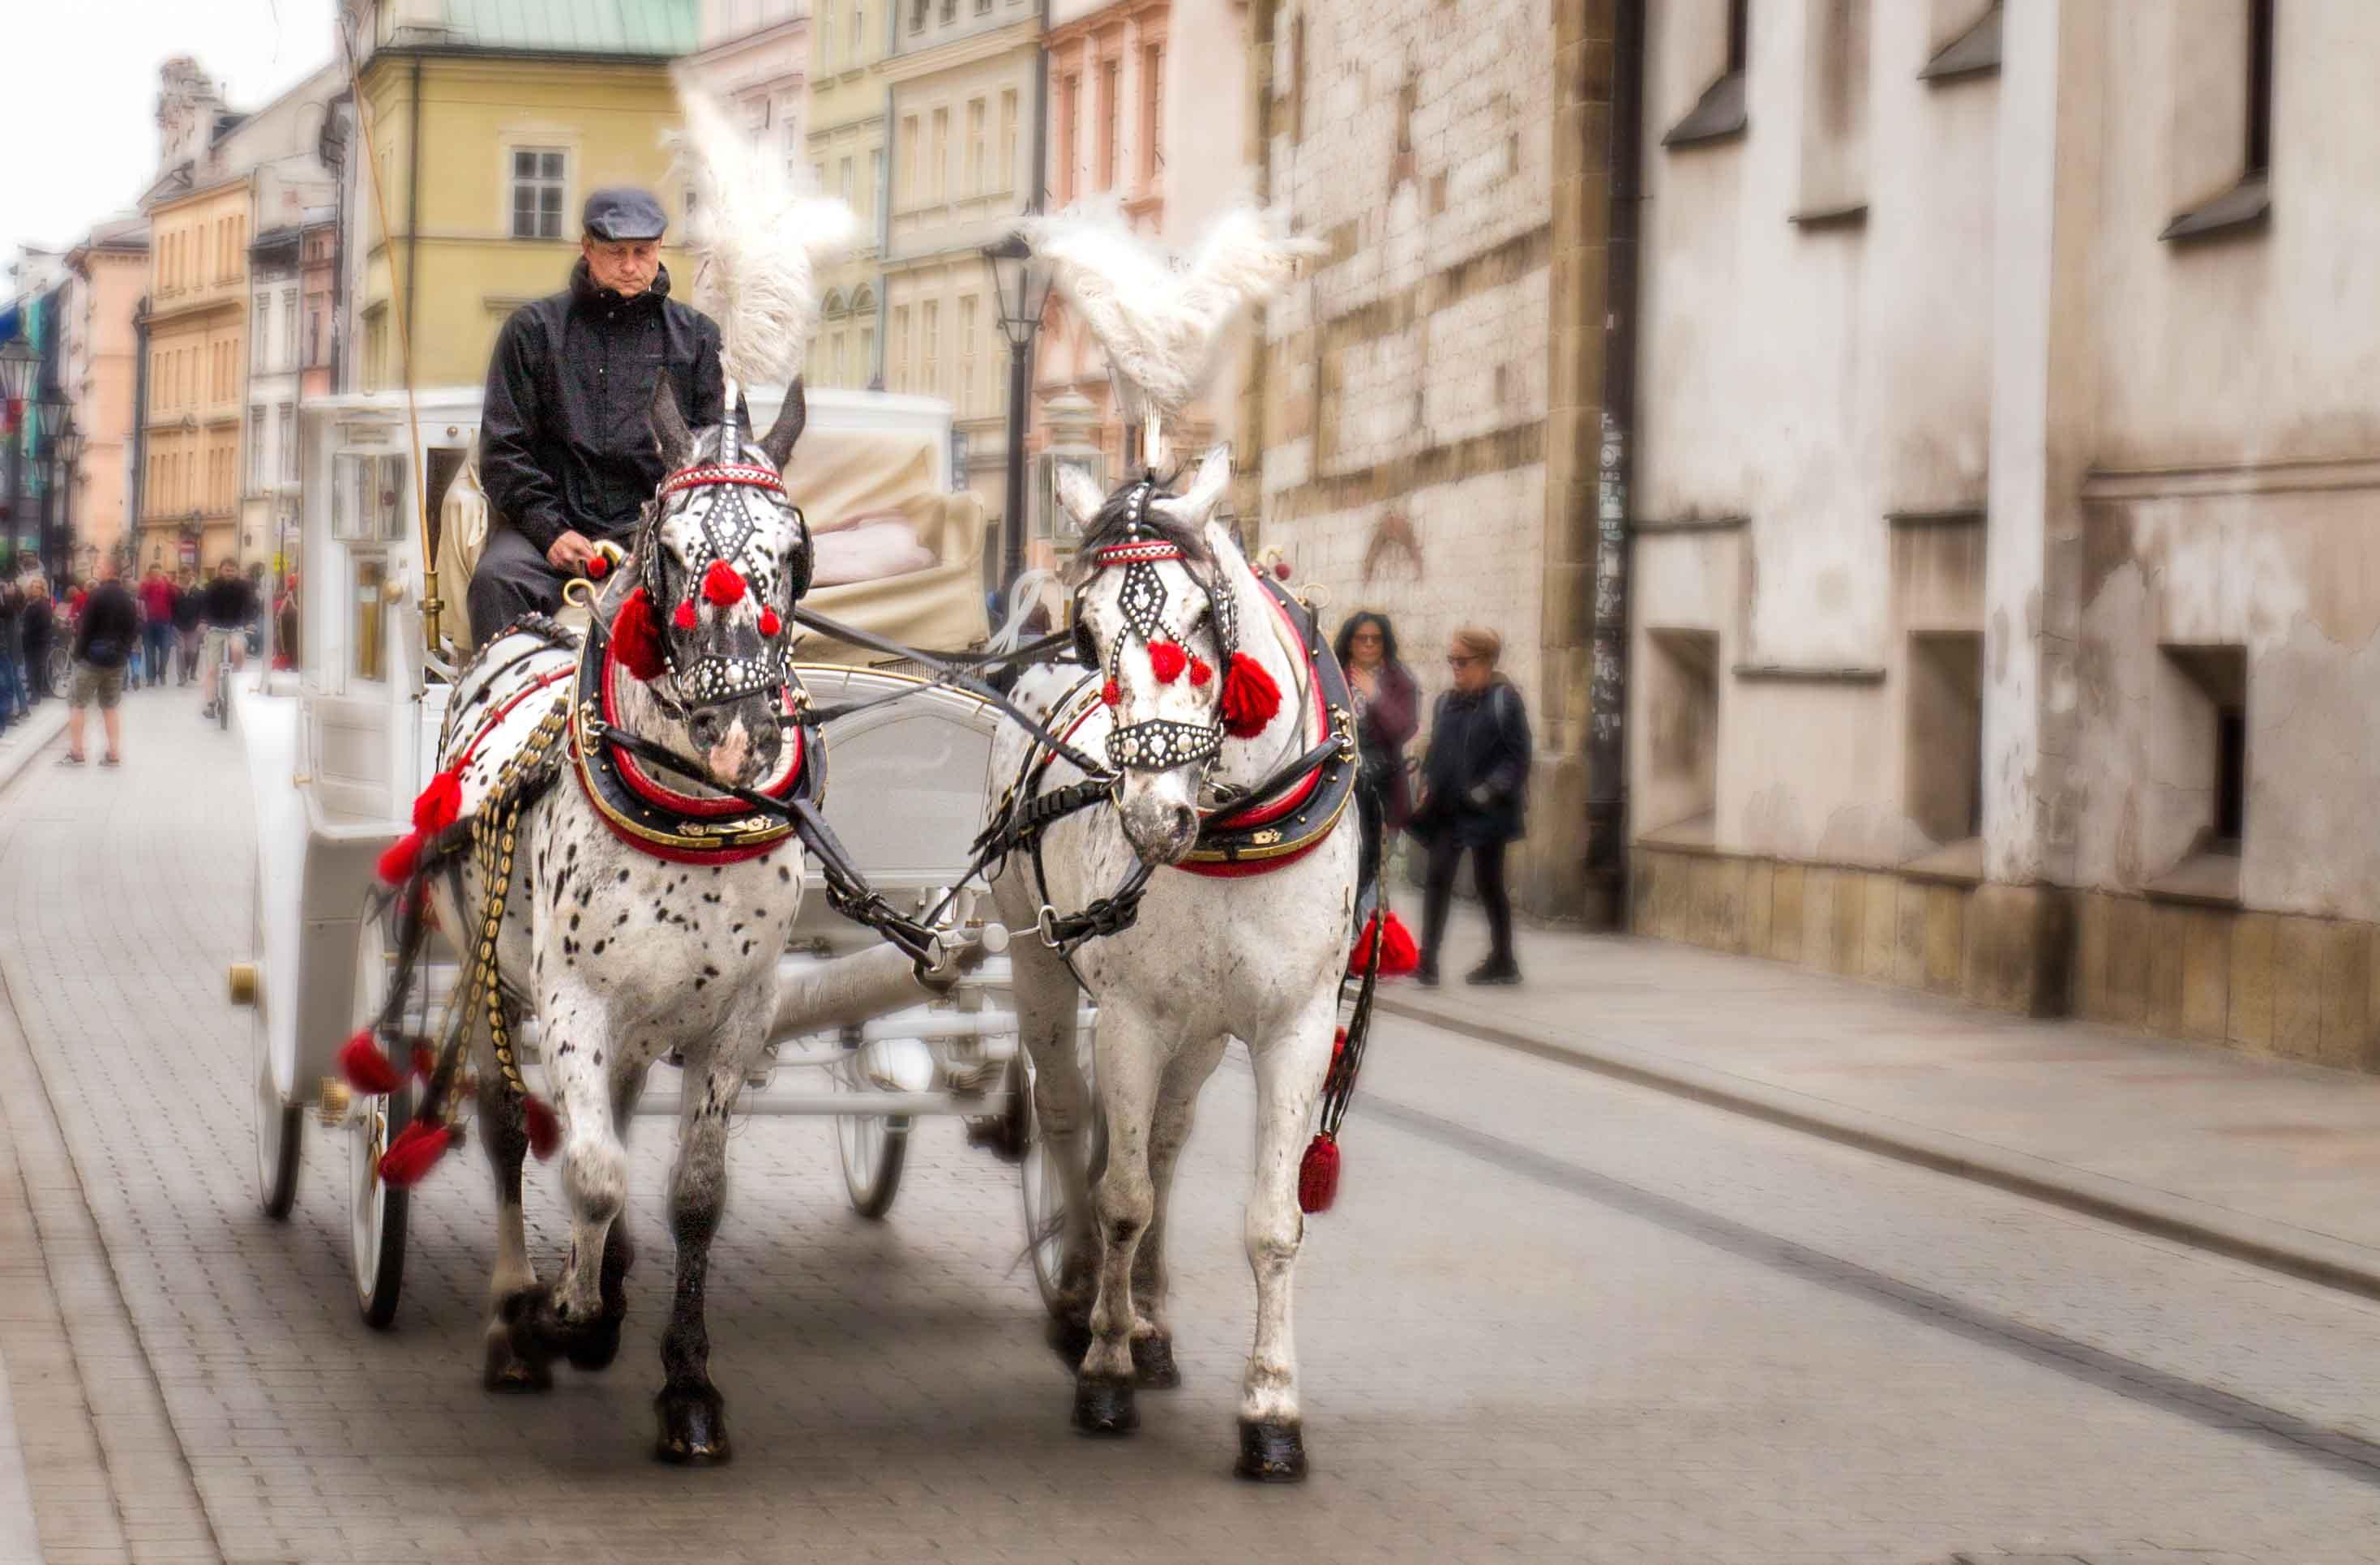 Horse drawn carriage Krakow